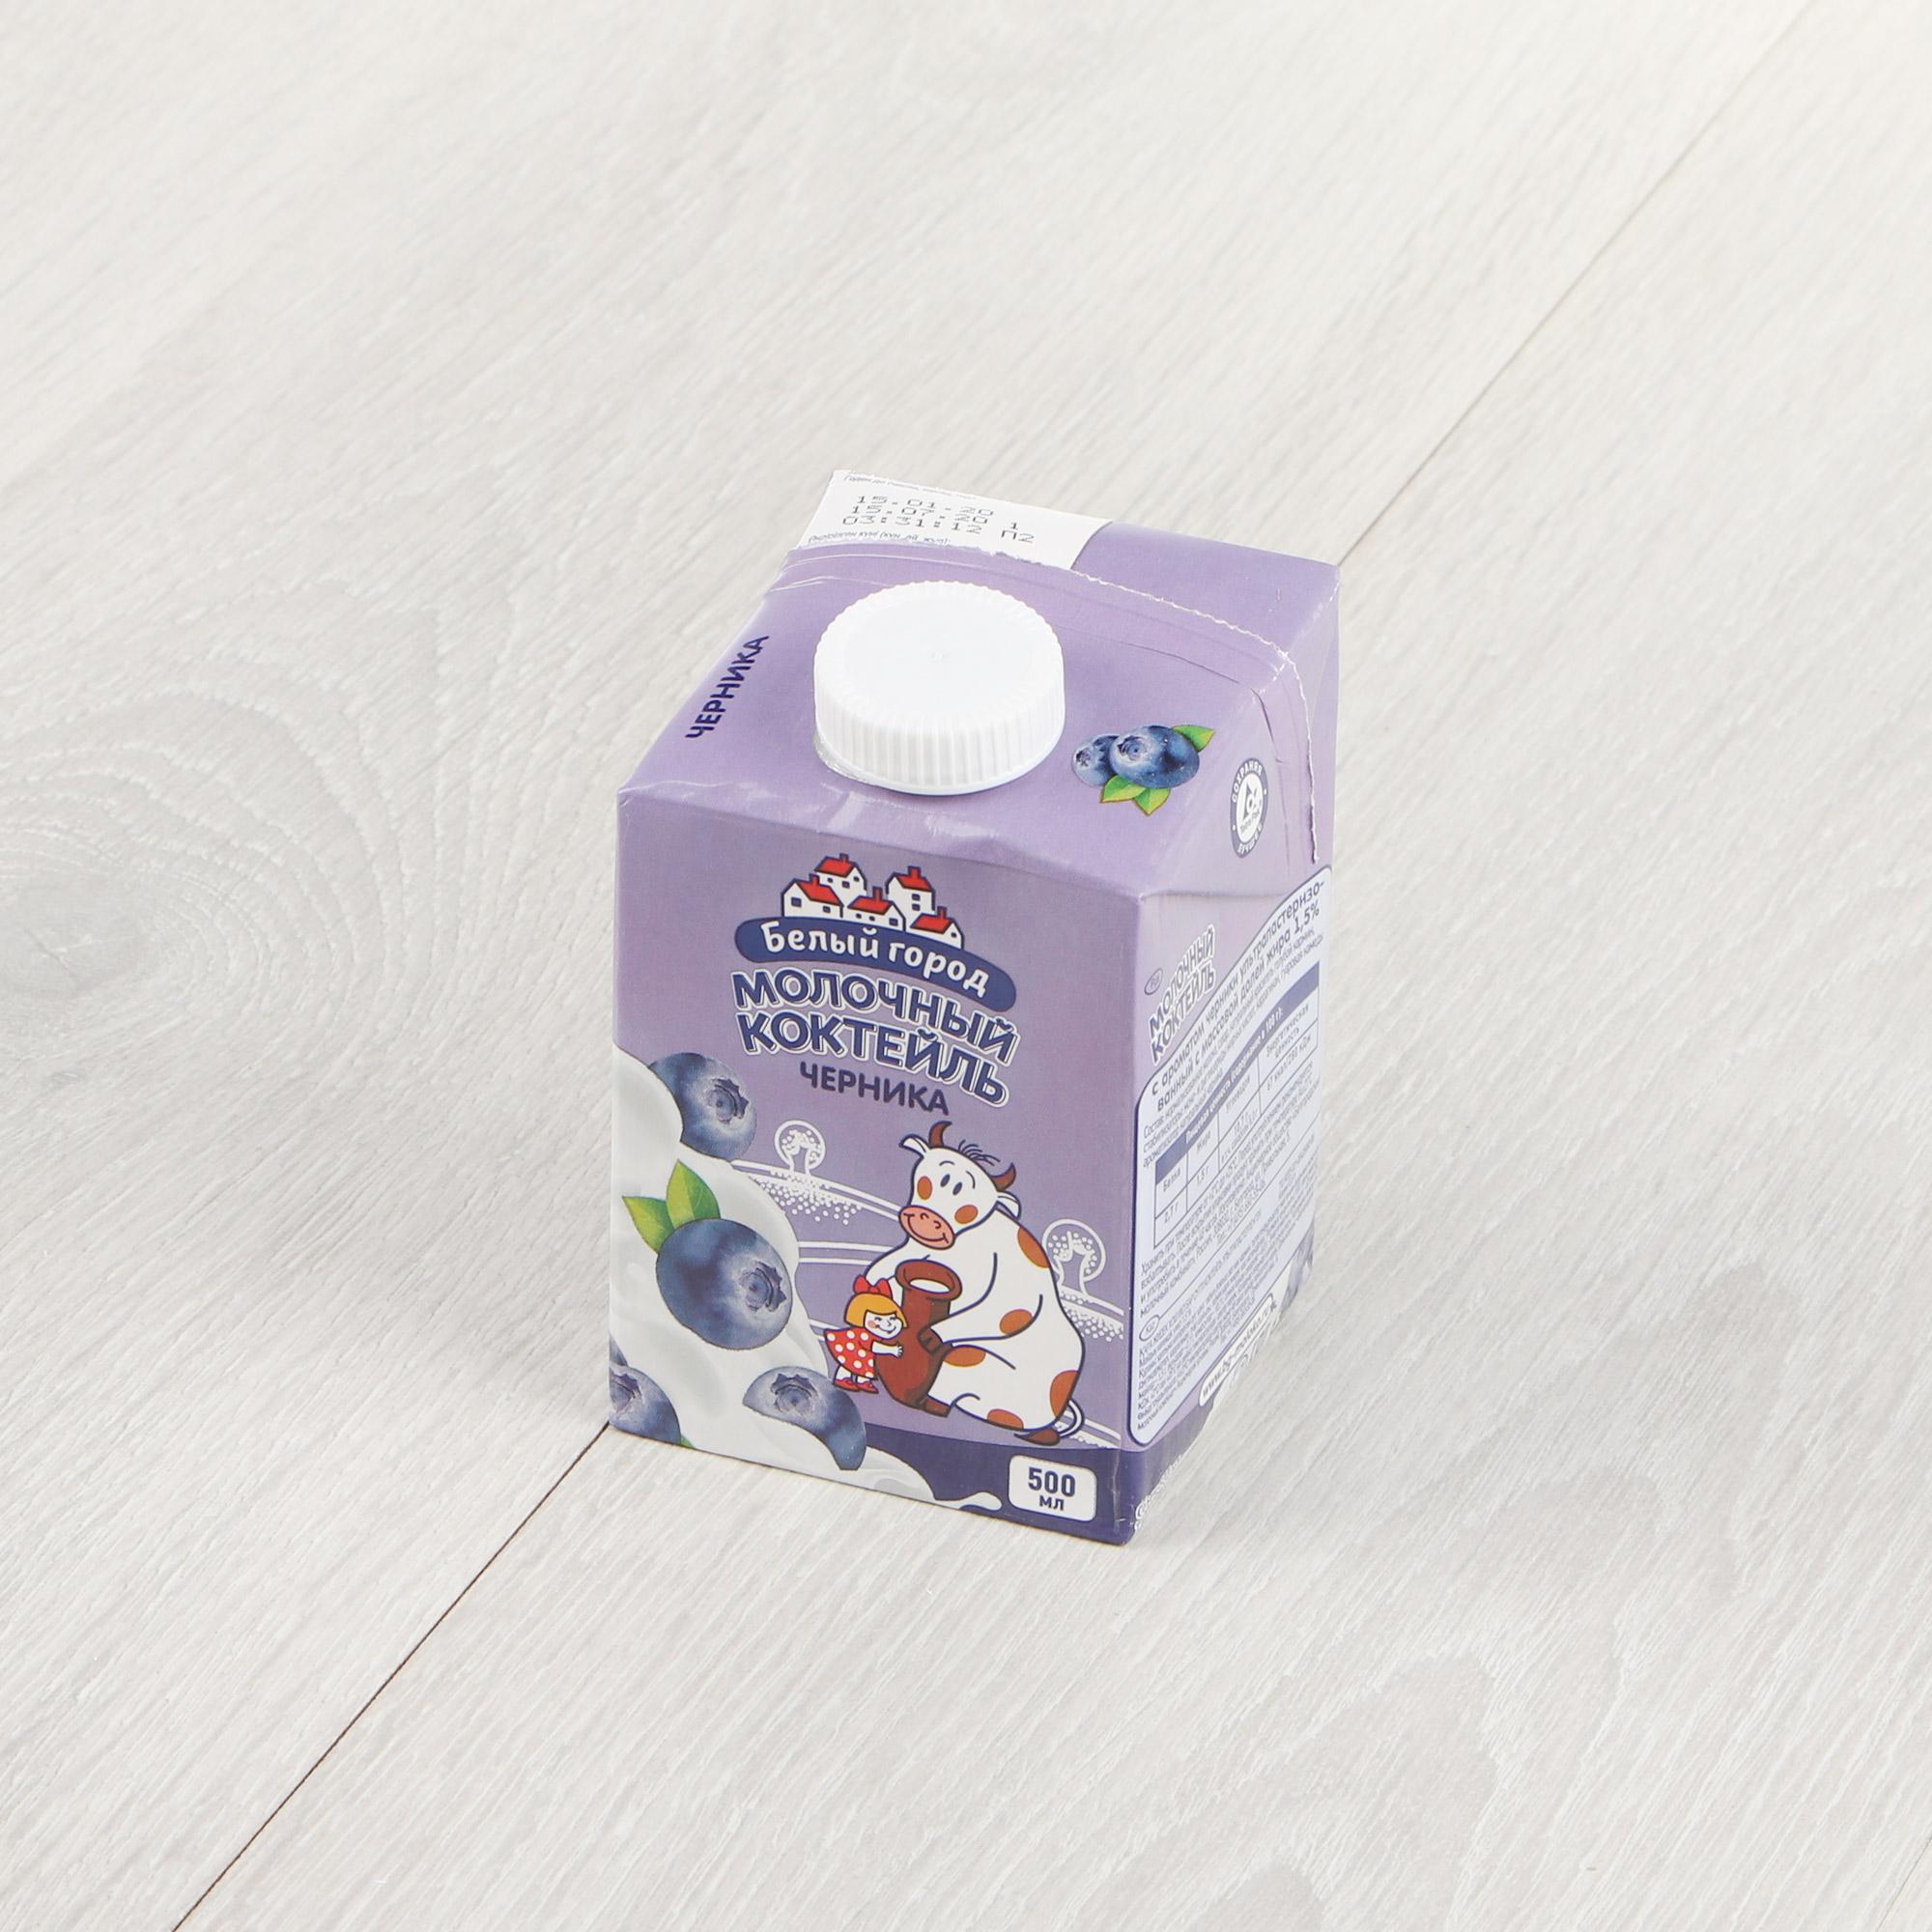 Коктейль Белый город молочный черника 1,5% 500 мл